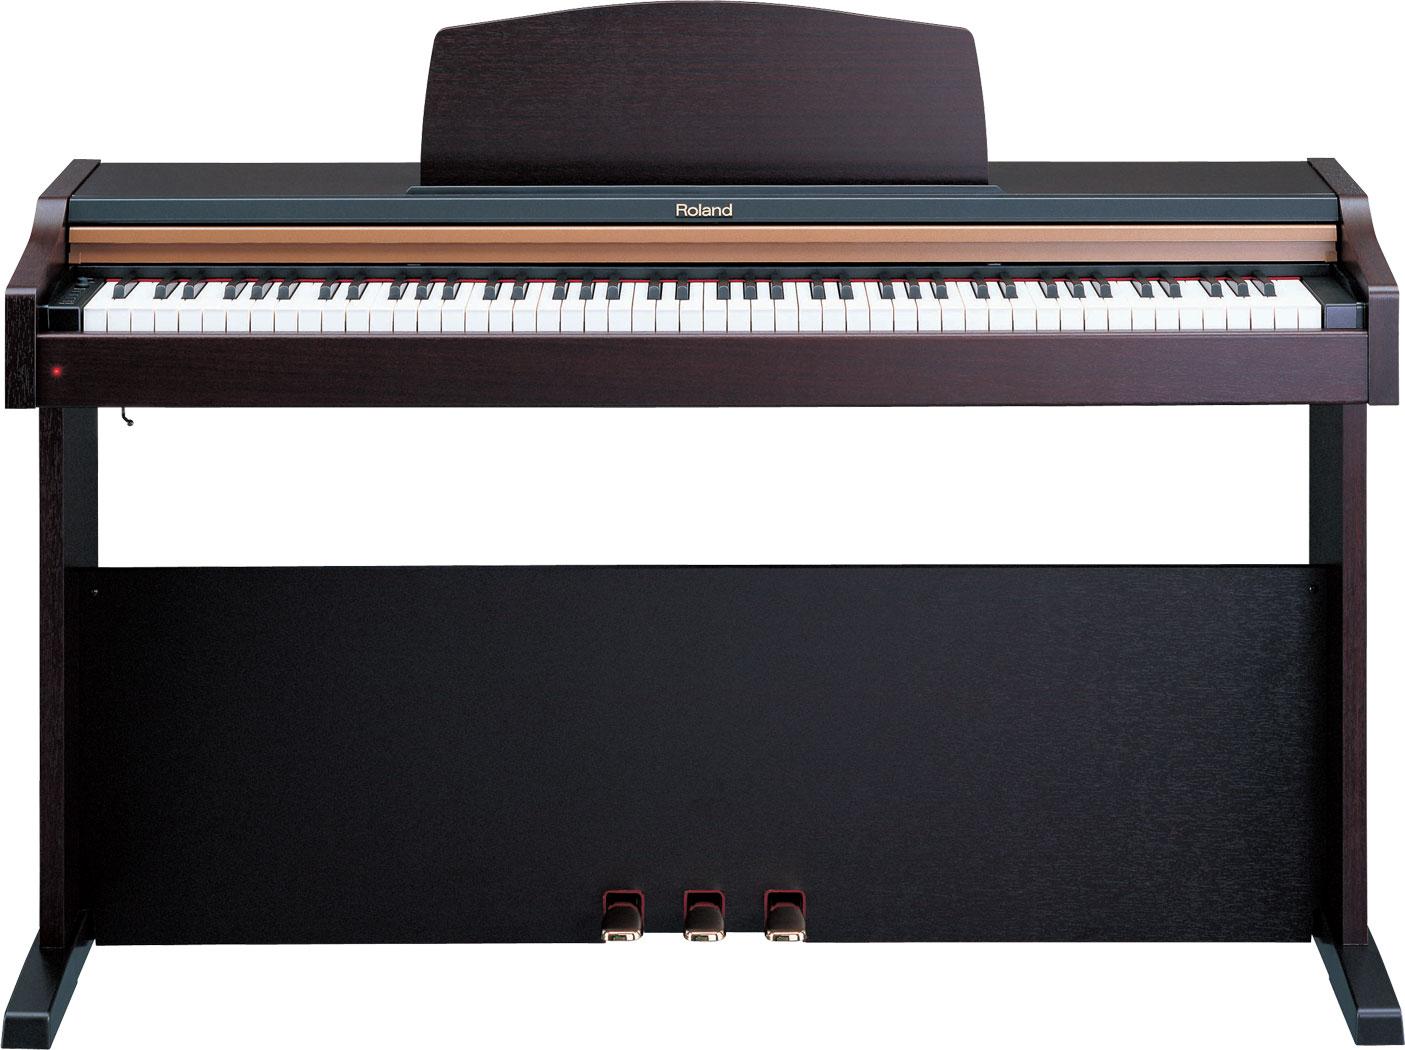 roland hp 101 digital piano rh roland com